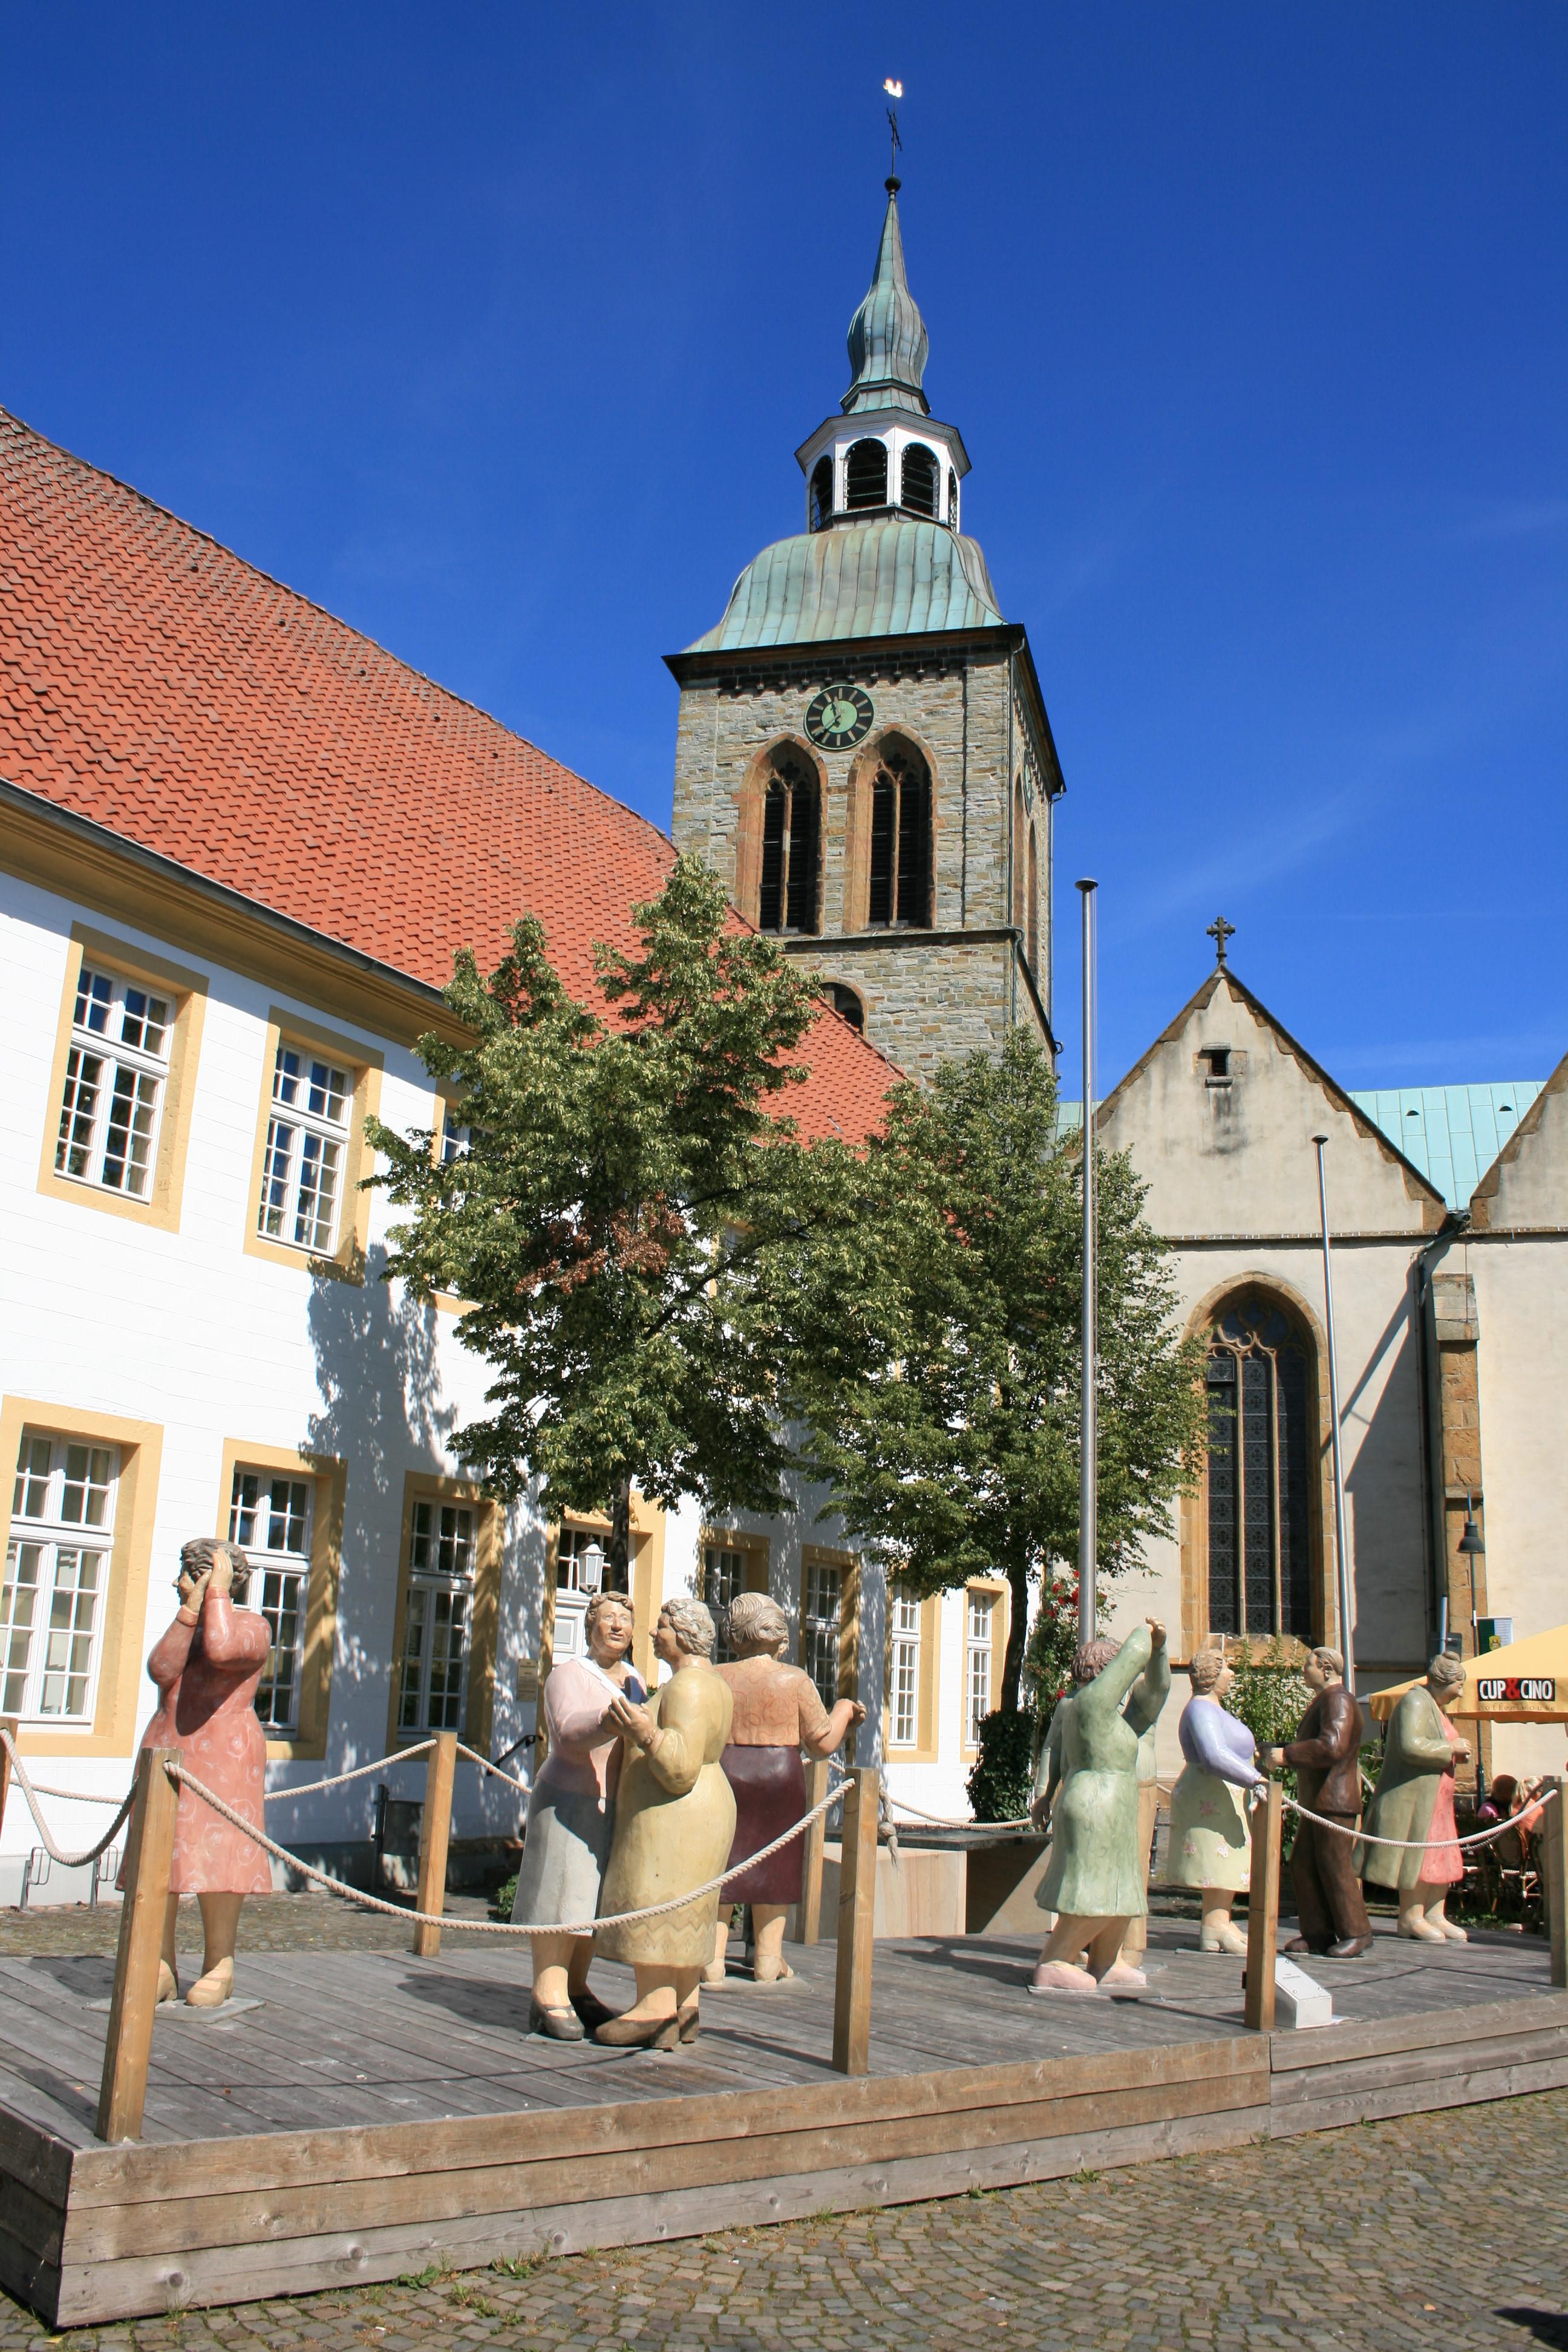 Historisches Rathaus und Aegidiuskirche am Marktplatz Wiedenbrück